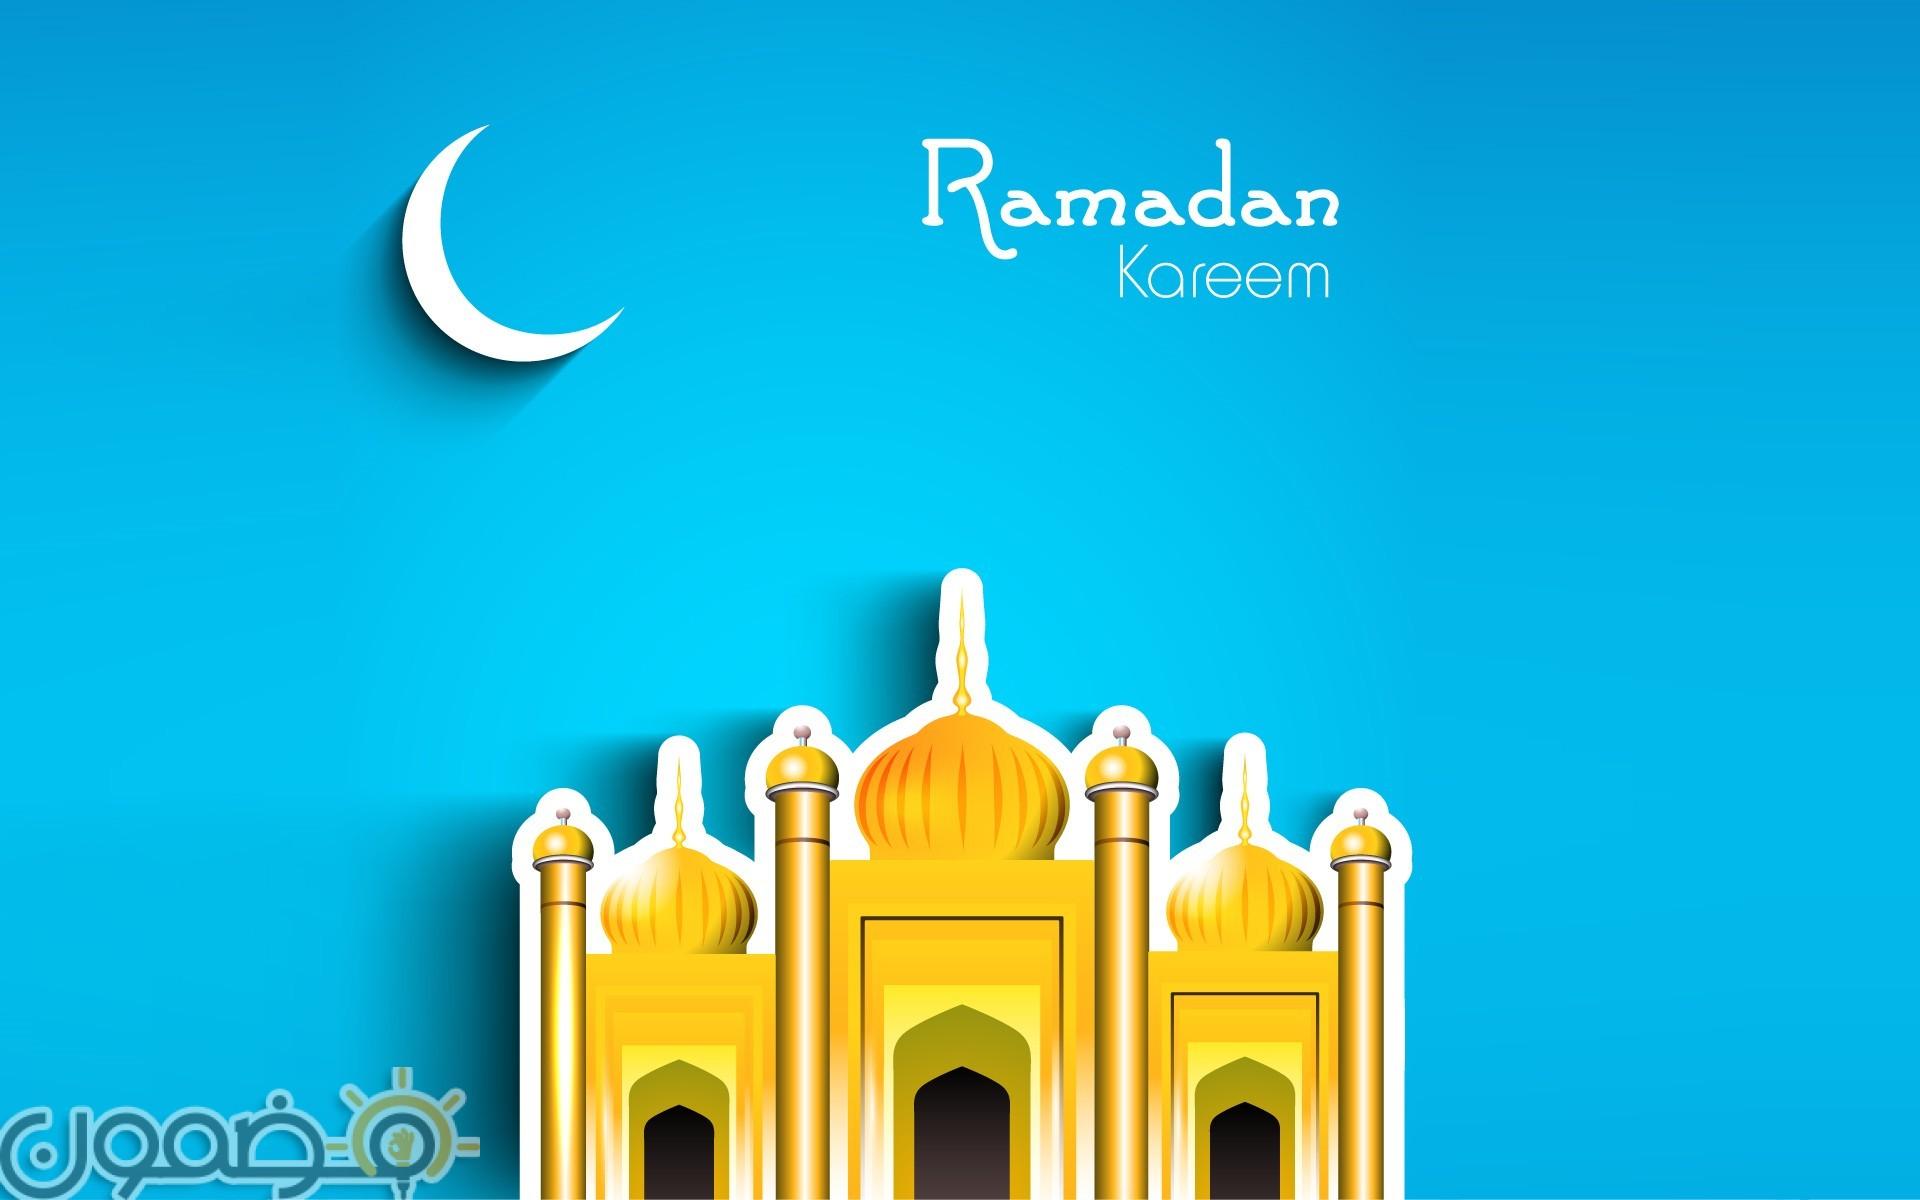 خلفيات رمضان كريم 3 خلفيات رمضان كريم لسطح المكتب